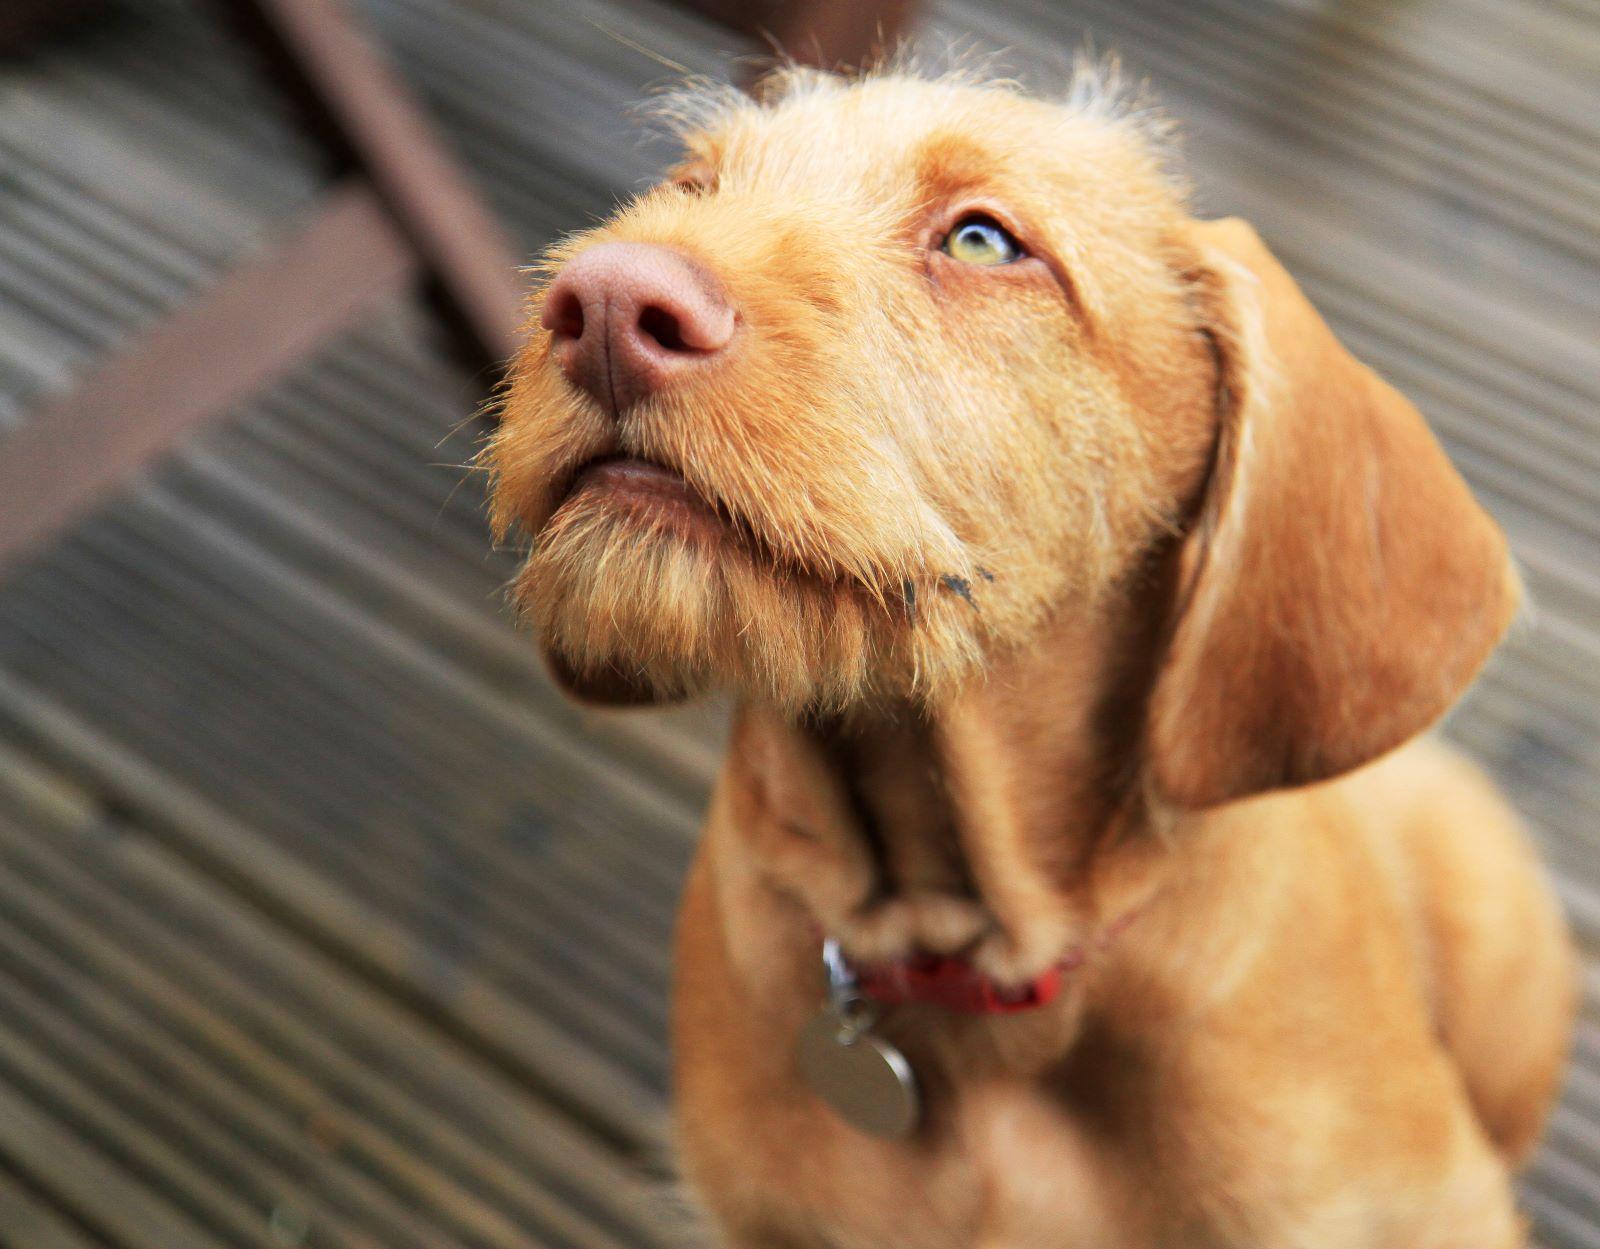 איך נפטרים מכתמים של כלבים